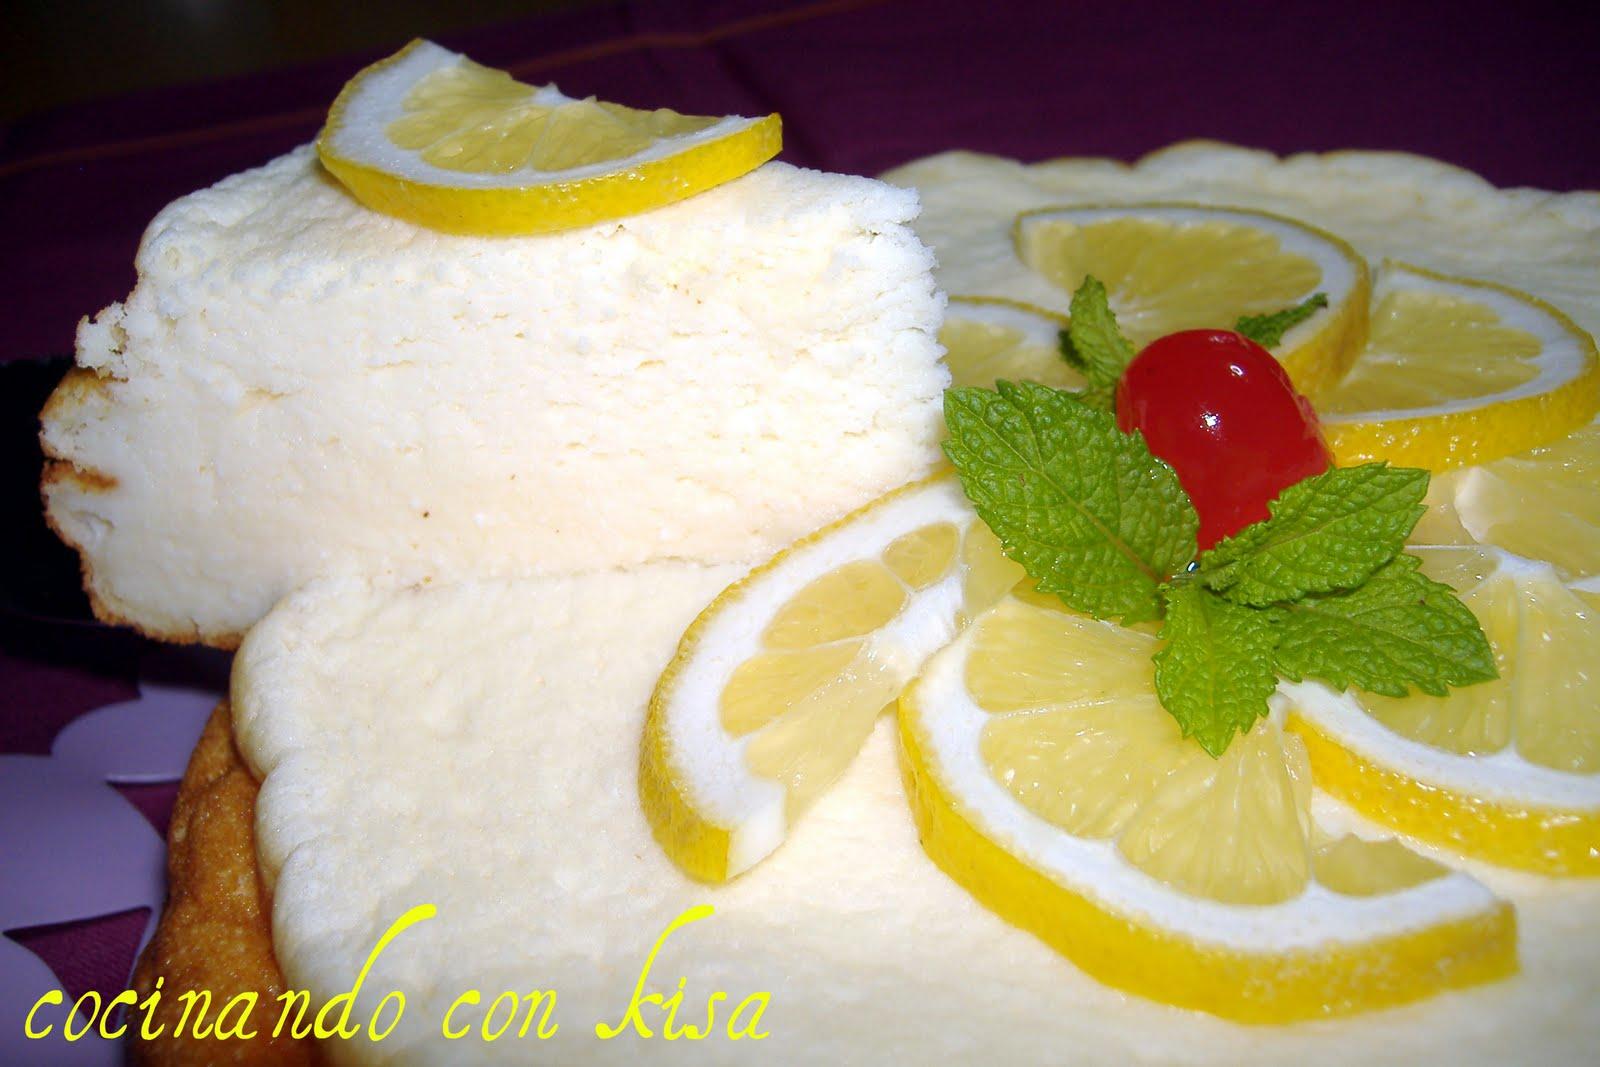 Cocinando con kisa tarta de queso al limon fussioncook for Cocinando con kisa